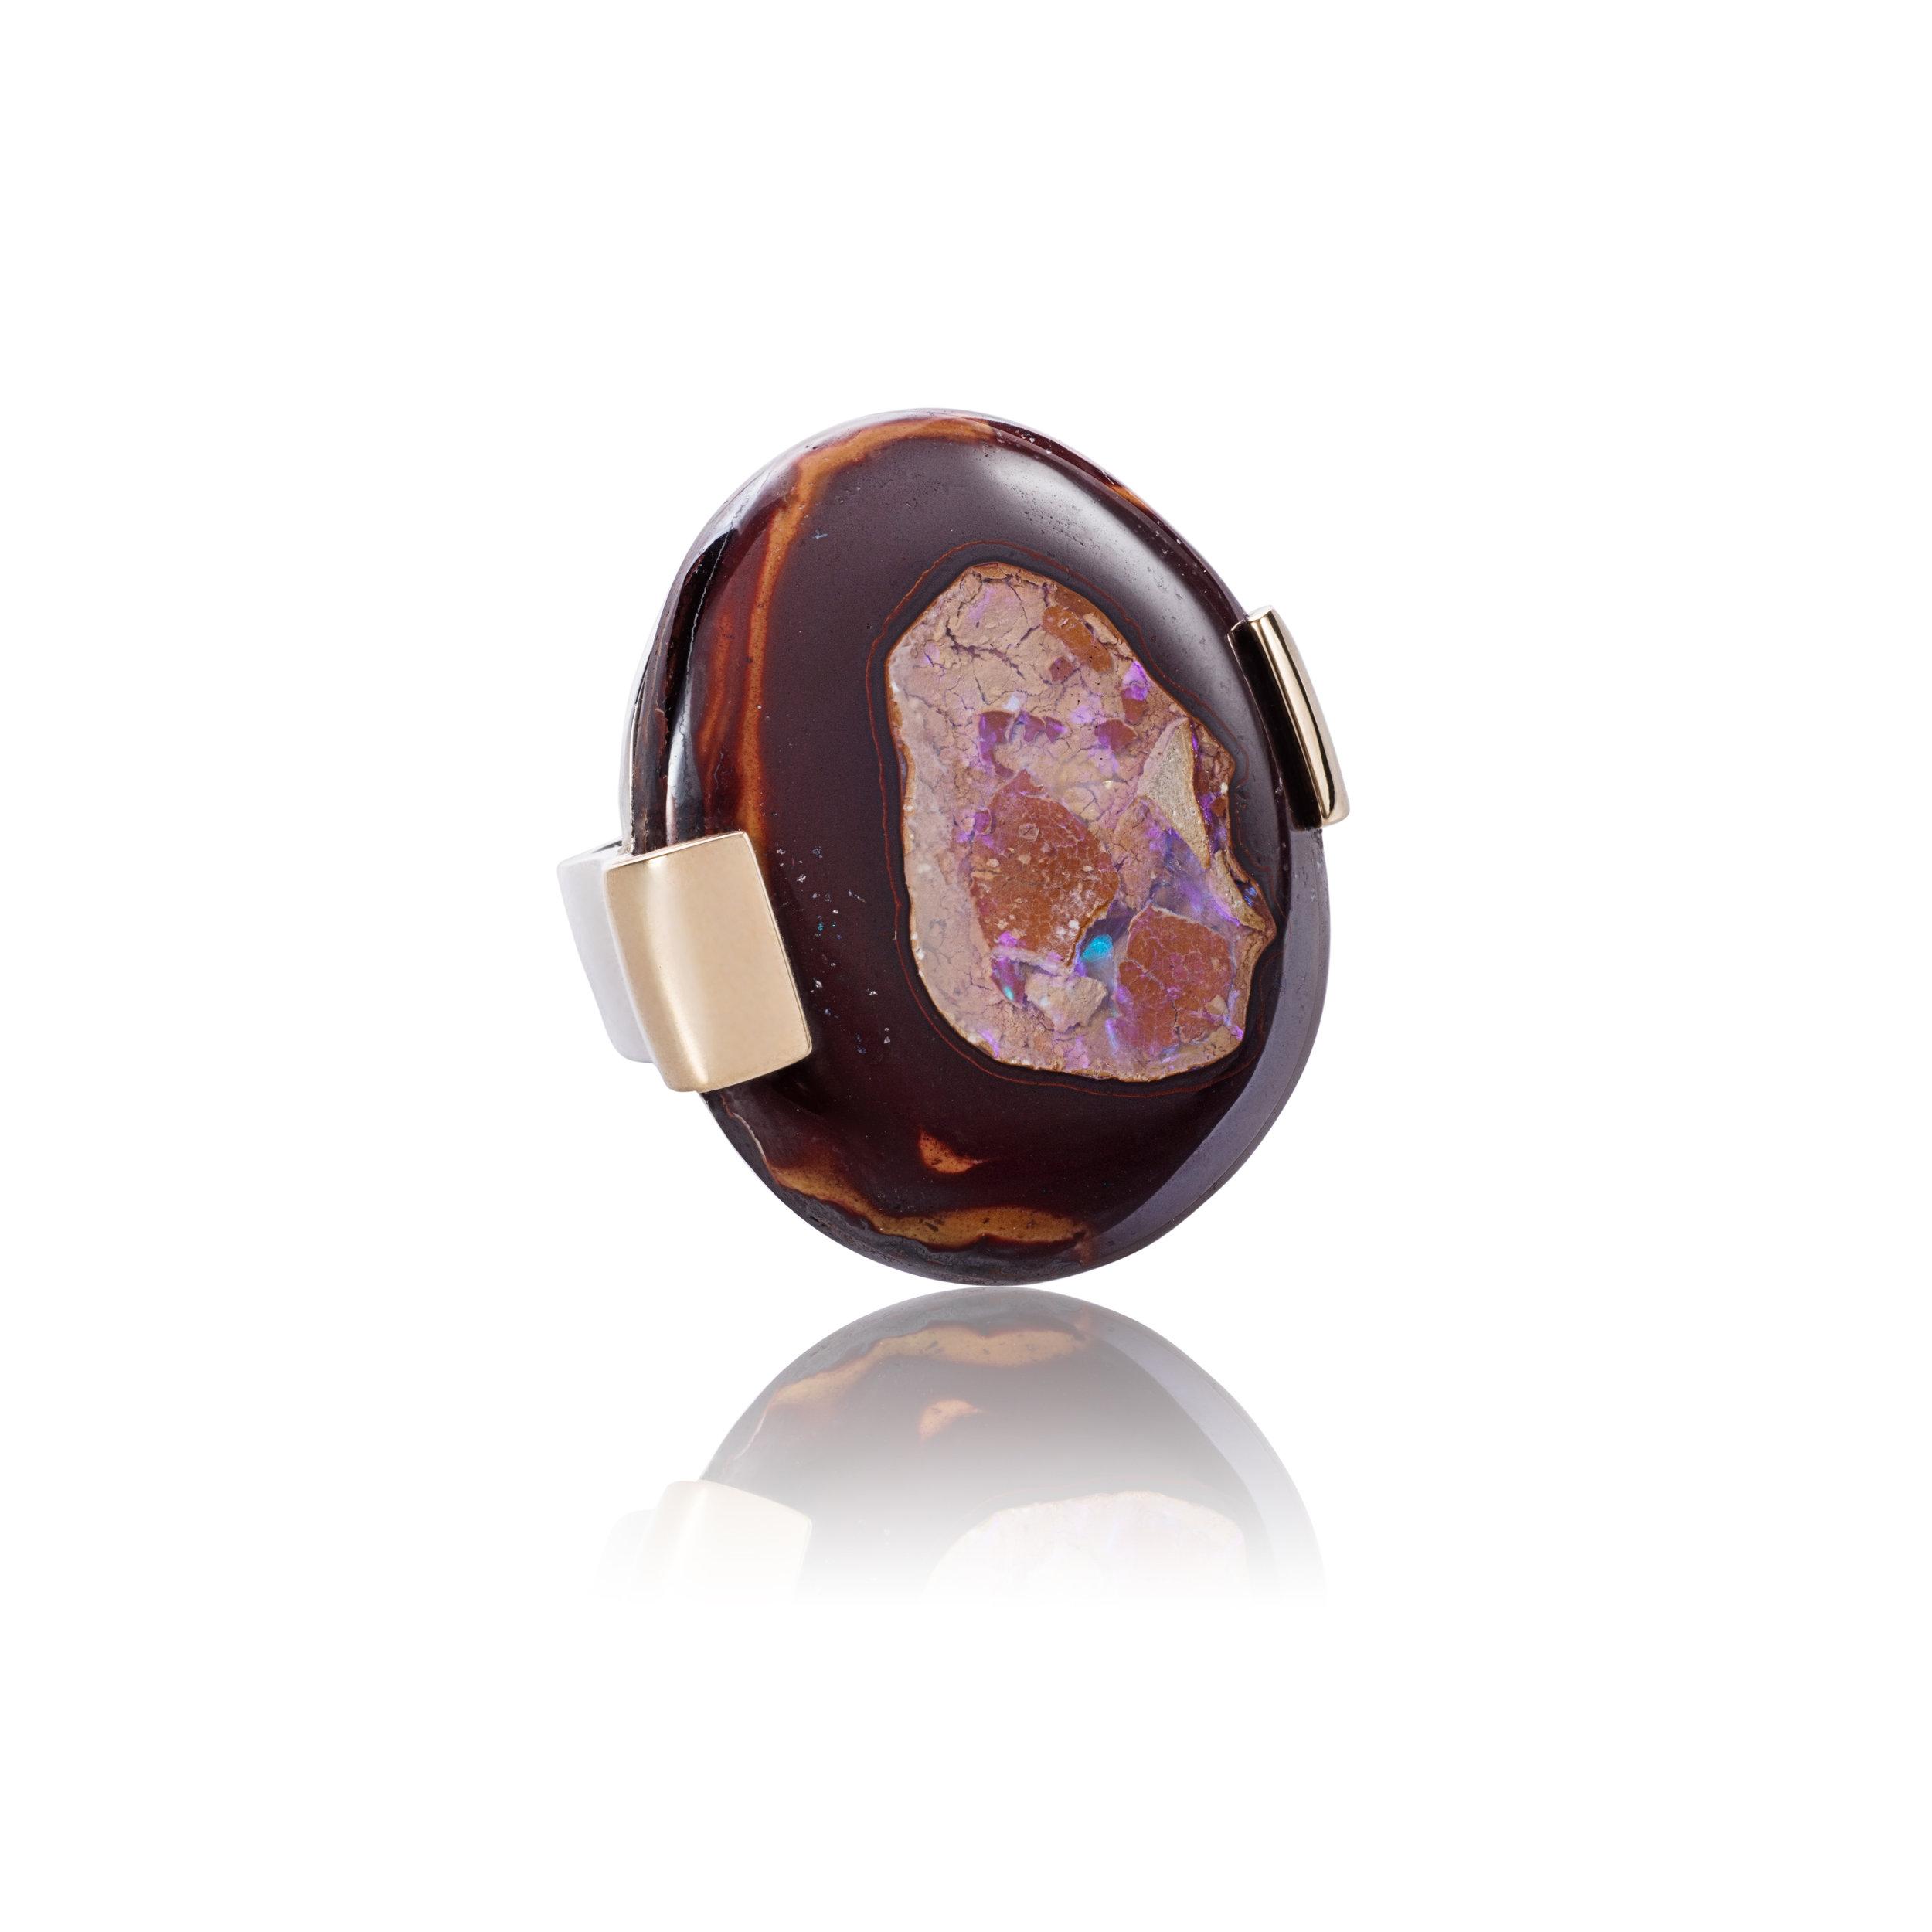 澳洲欧泊(Yowah坚果)59.9克拉,18k黄金戒托,925银镀18k白金戒指